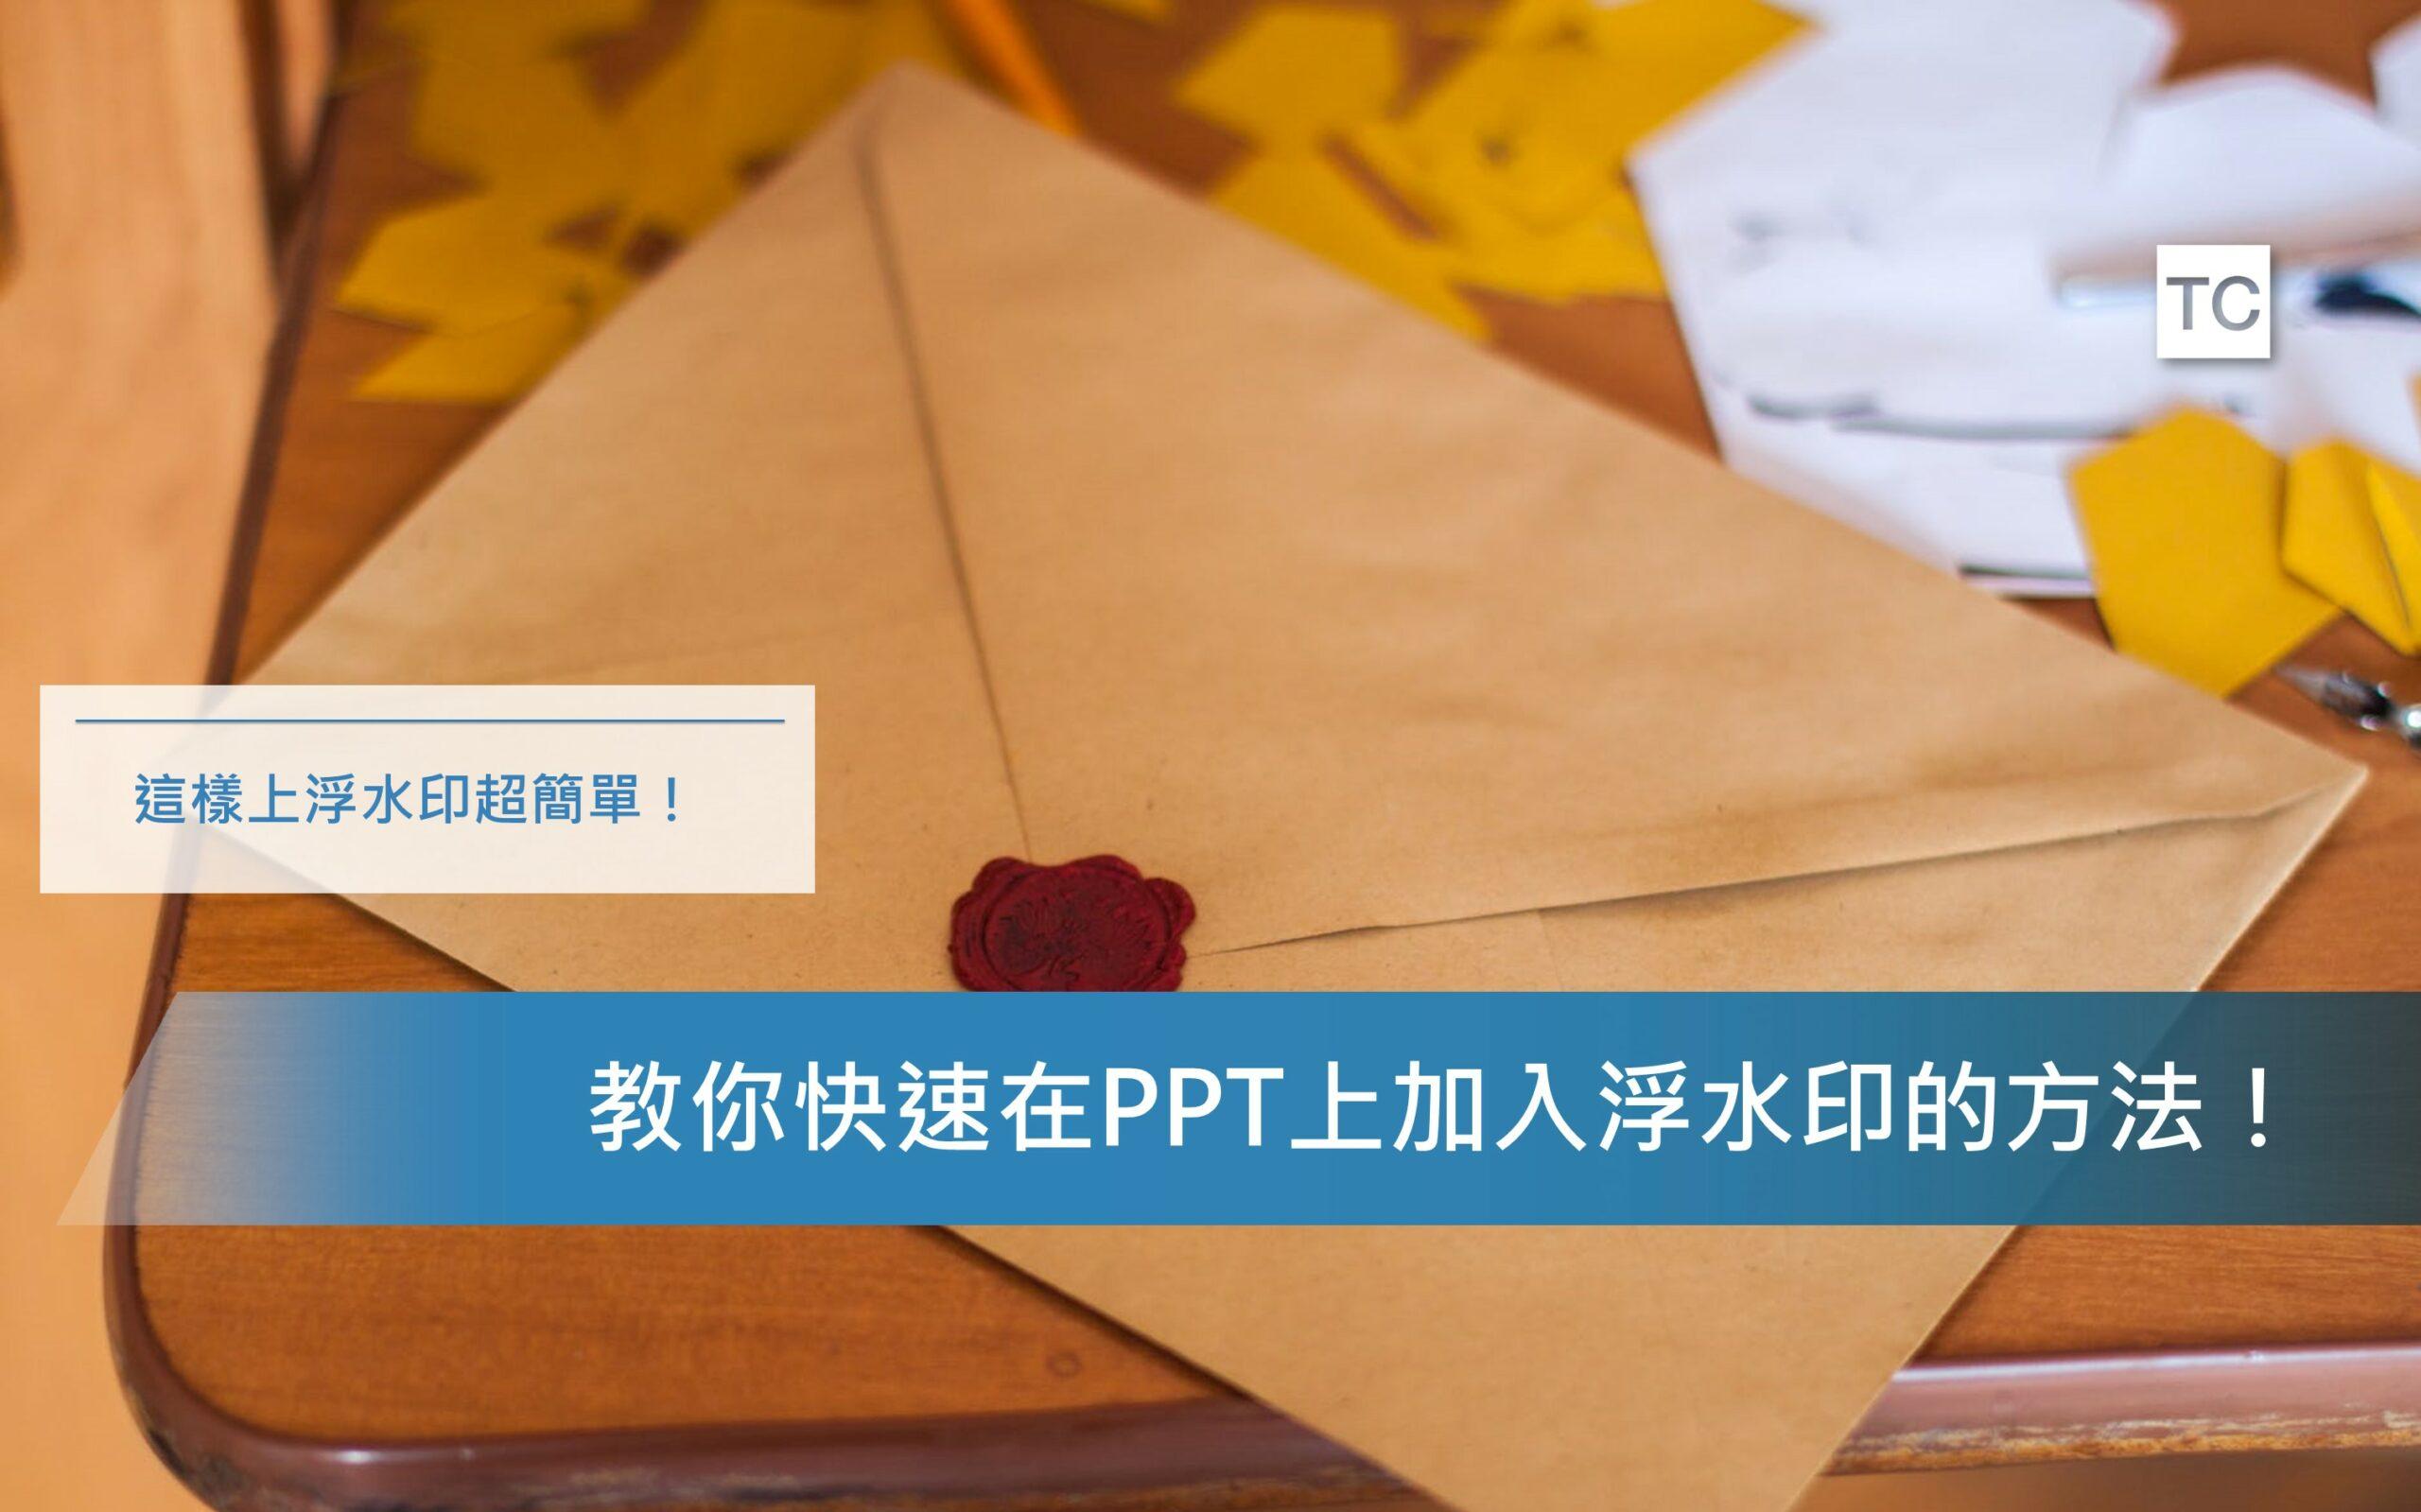 PPT浮水印教學 教你如何用最快的速度在簡報中插入浮水印!